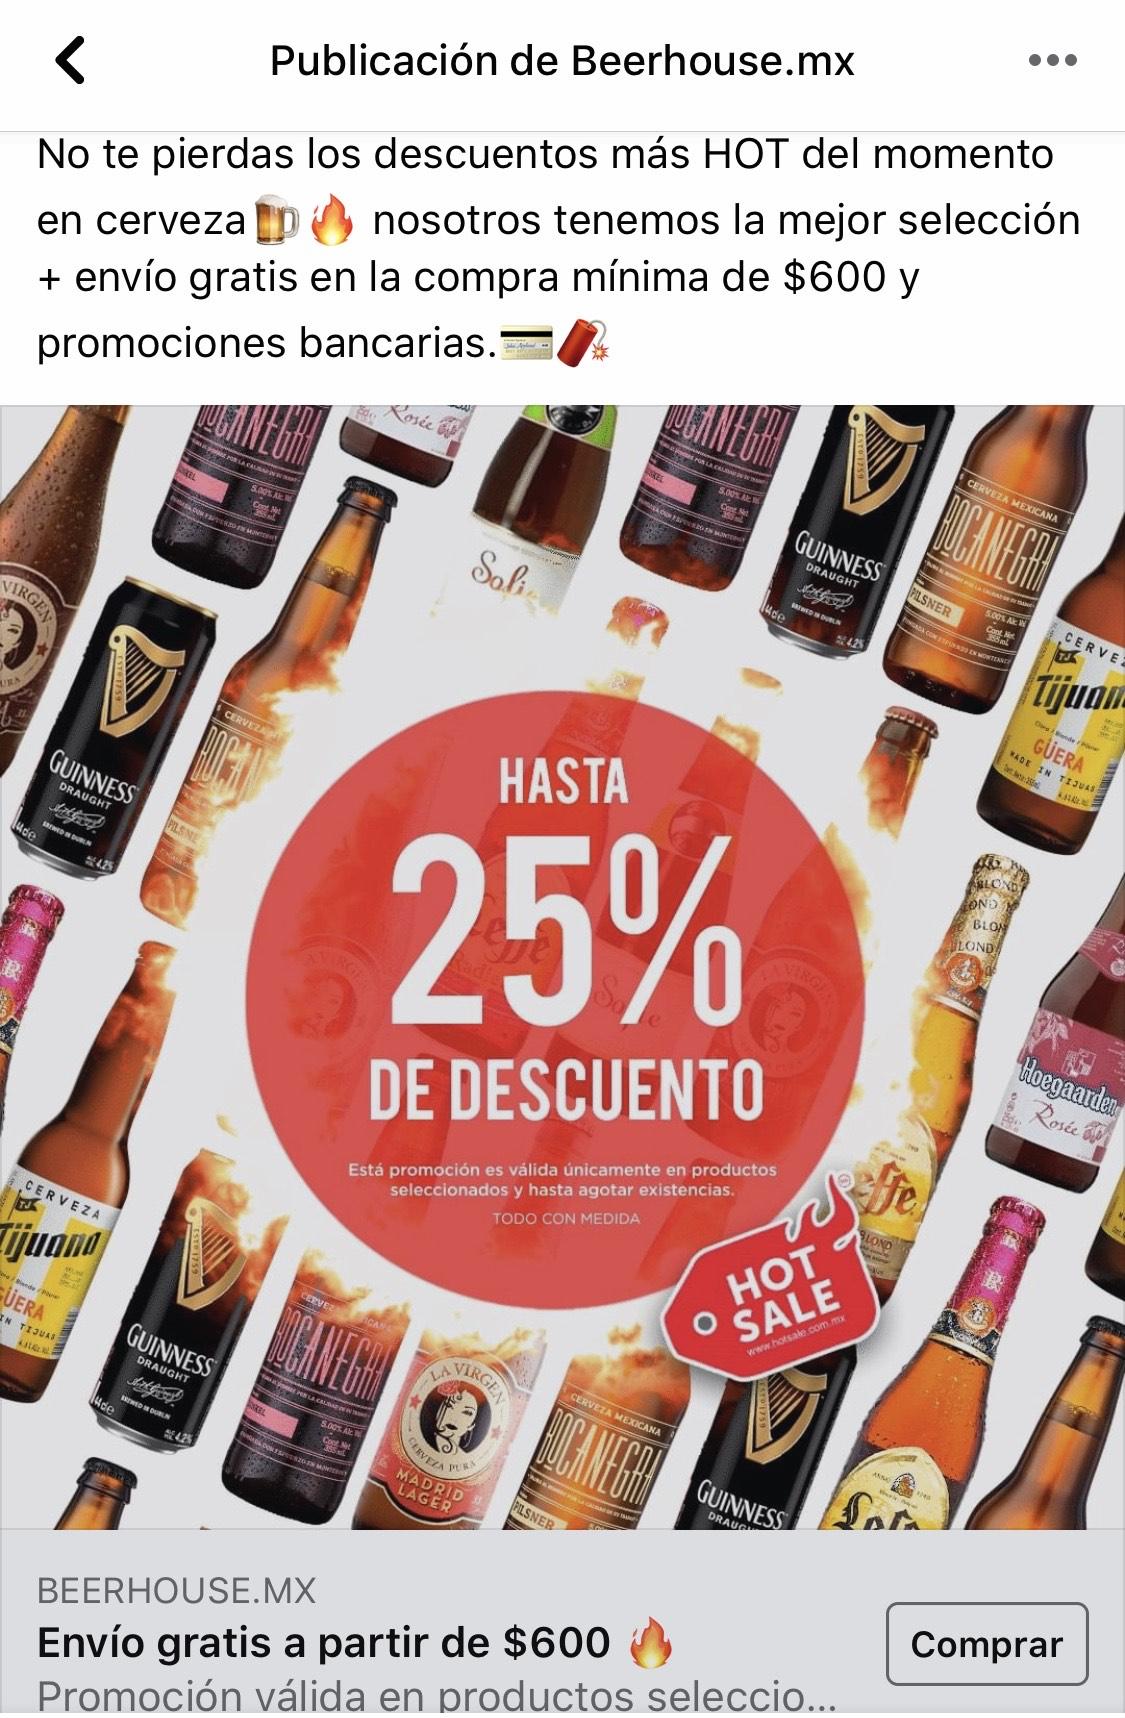 Beerhouse: Hasta 25% de descuento